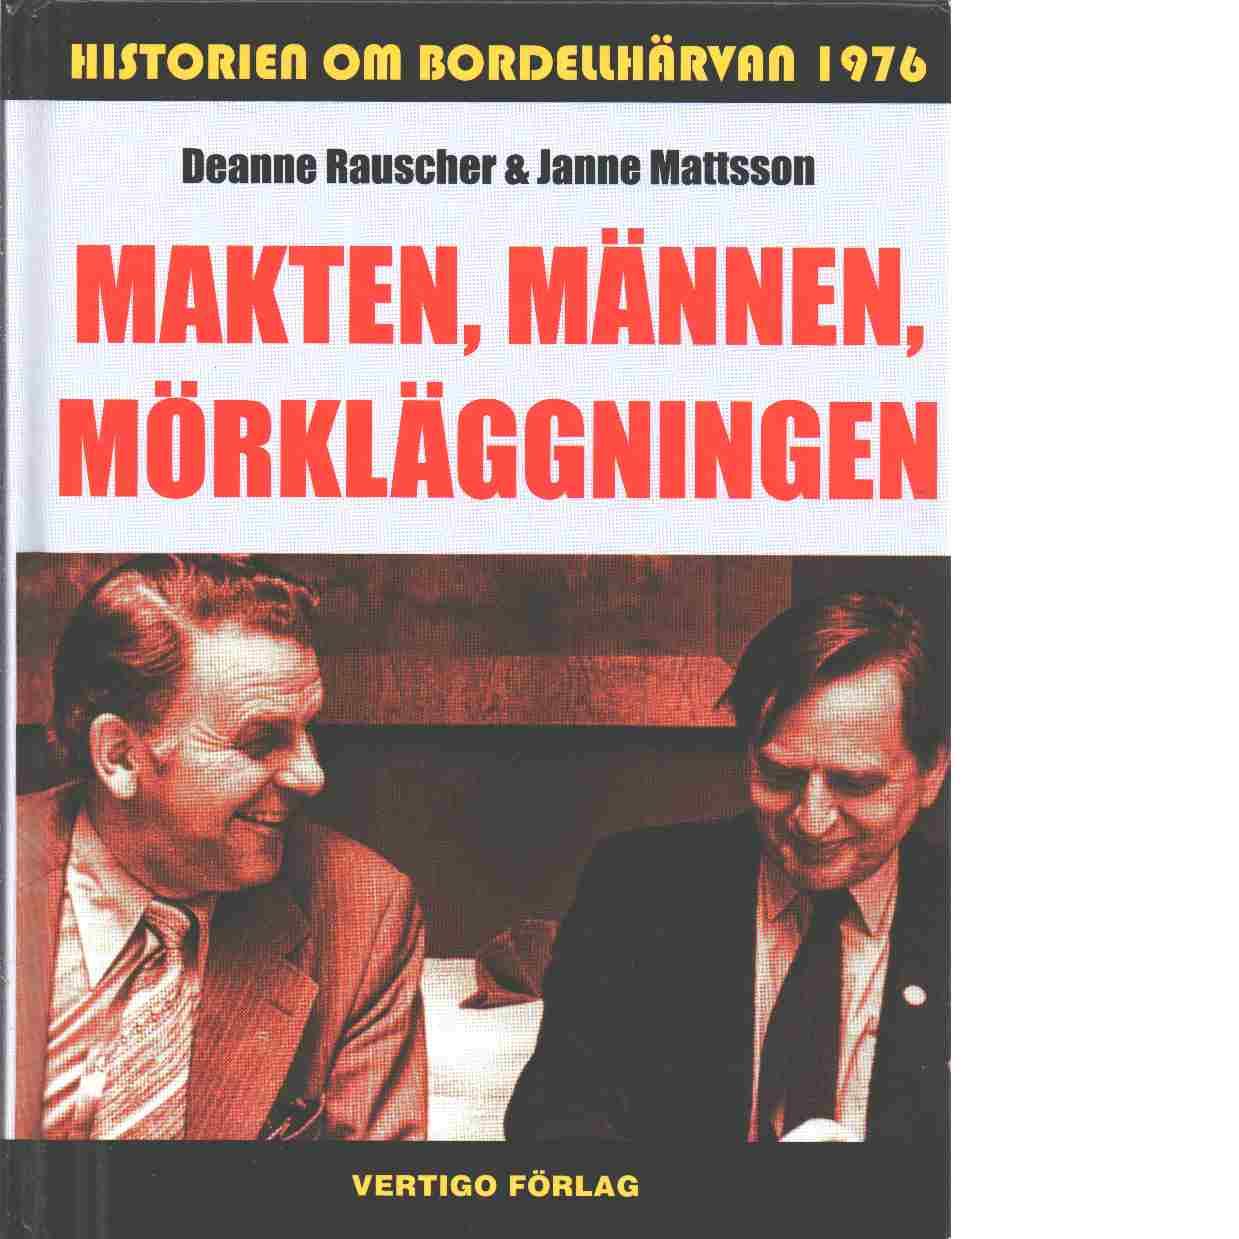 Makten, männen, mörkläggningen : historien om bordellhärvan 1976 - Rauscher, Deanne och Mattsson, Janne